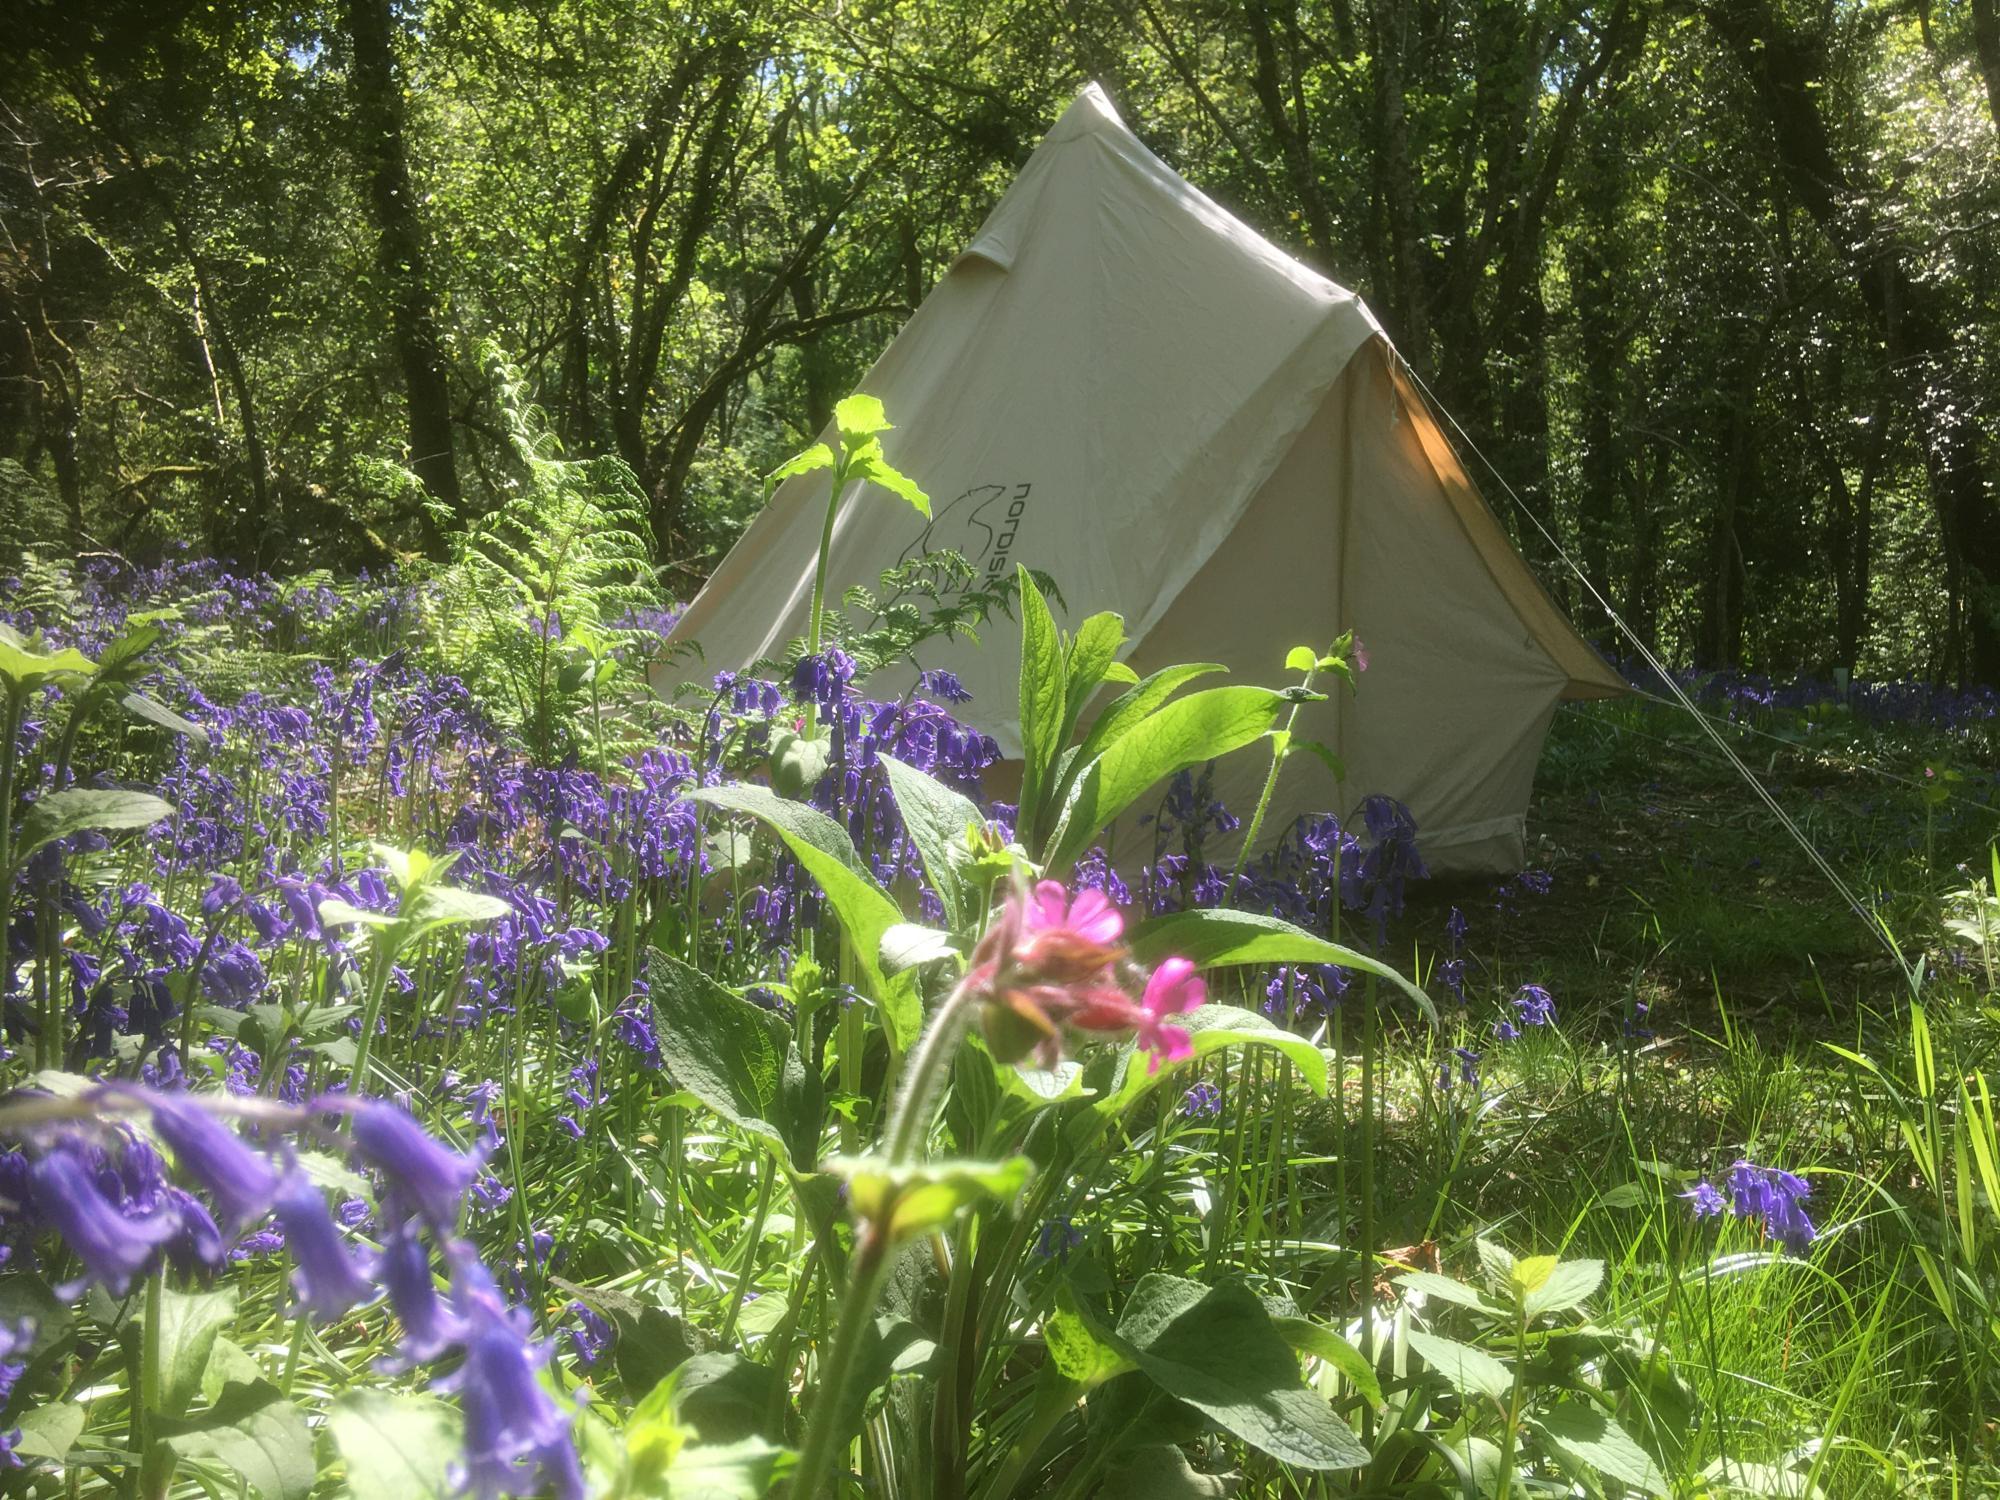 Campsites in Pembrokeshire – I Love This Campsite